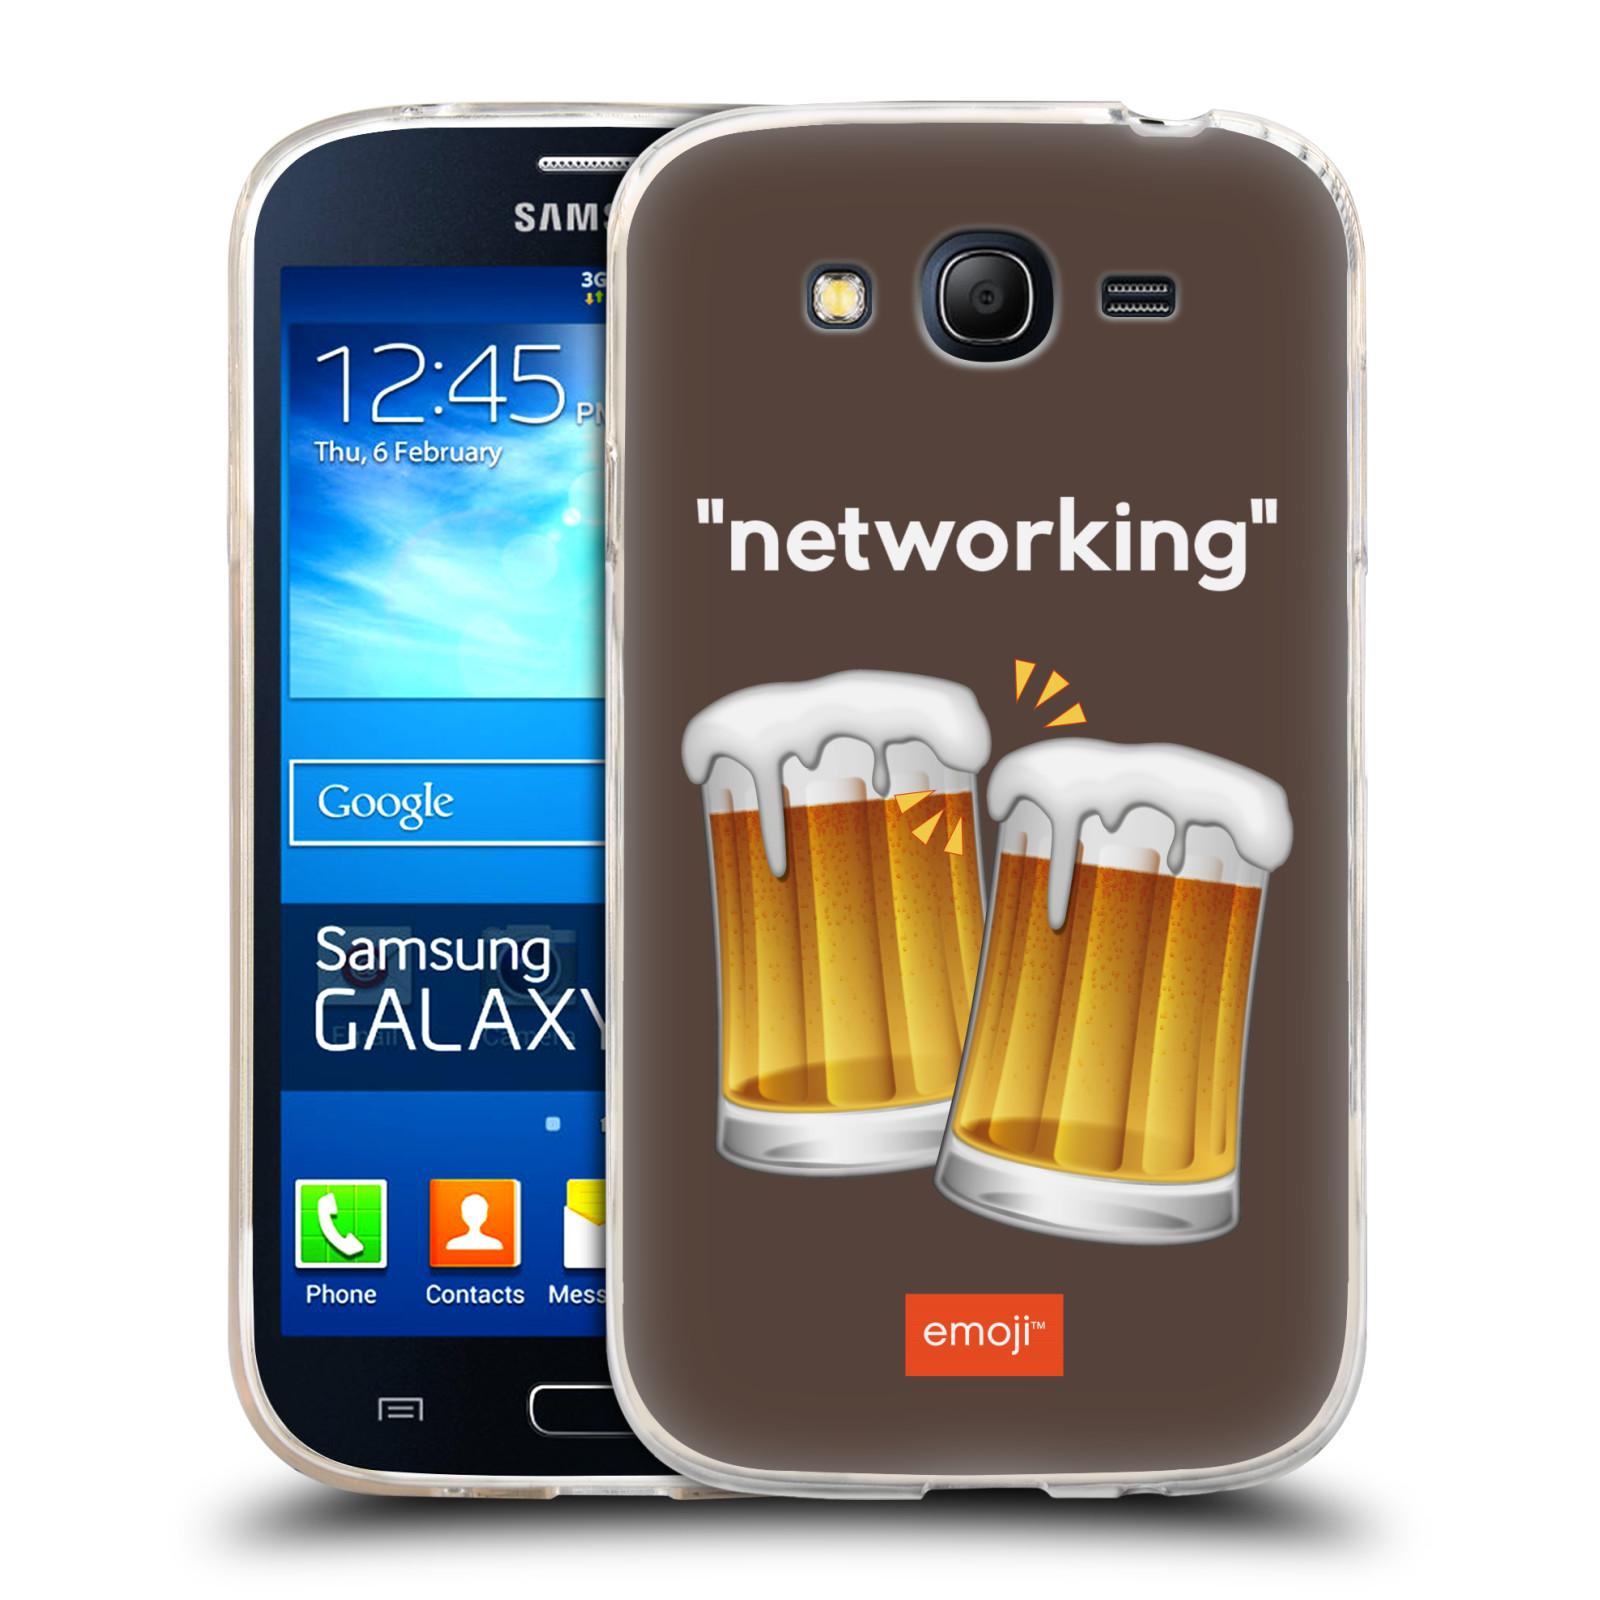 Silikonové pouzdro na mobil Samsung Galaxy Grand Neo Plus HEAD CASE EMOJI - Pivní networking (Silikonový kryt či obal s oficiálním motivem EMOJI na mobilní telefon Samsung Galaxy Grand Neo Plus Duos GT-I9060i)